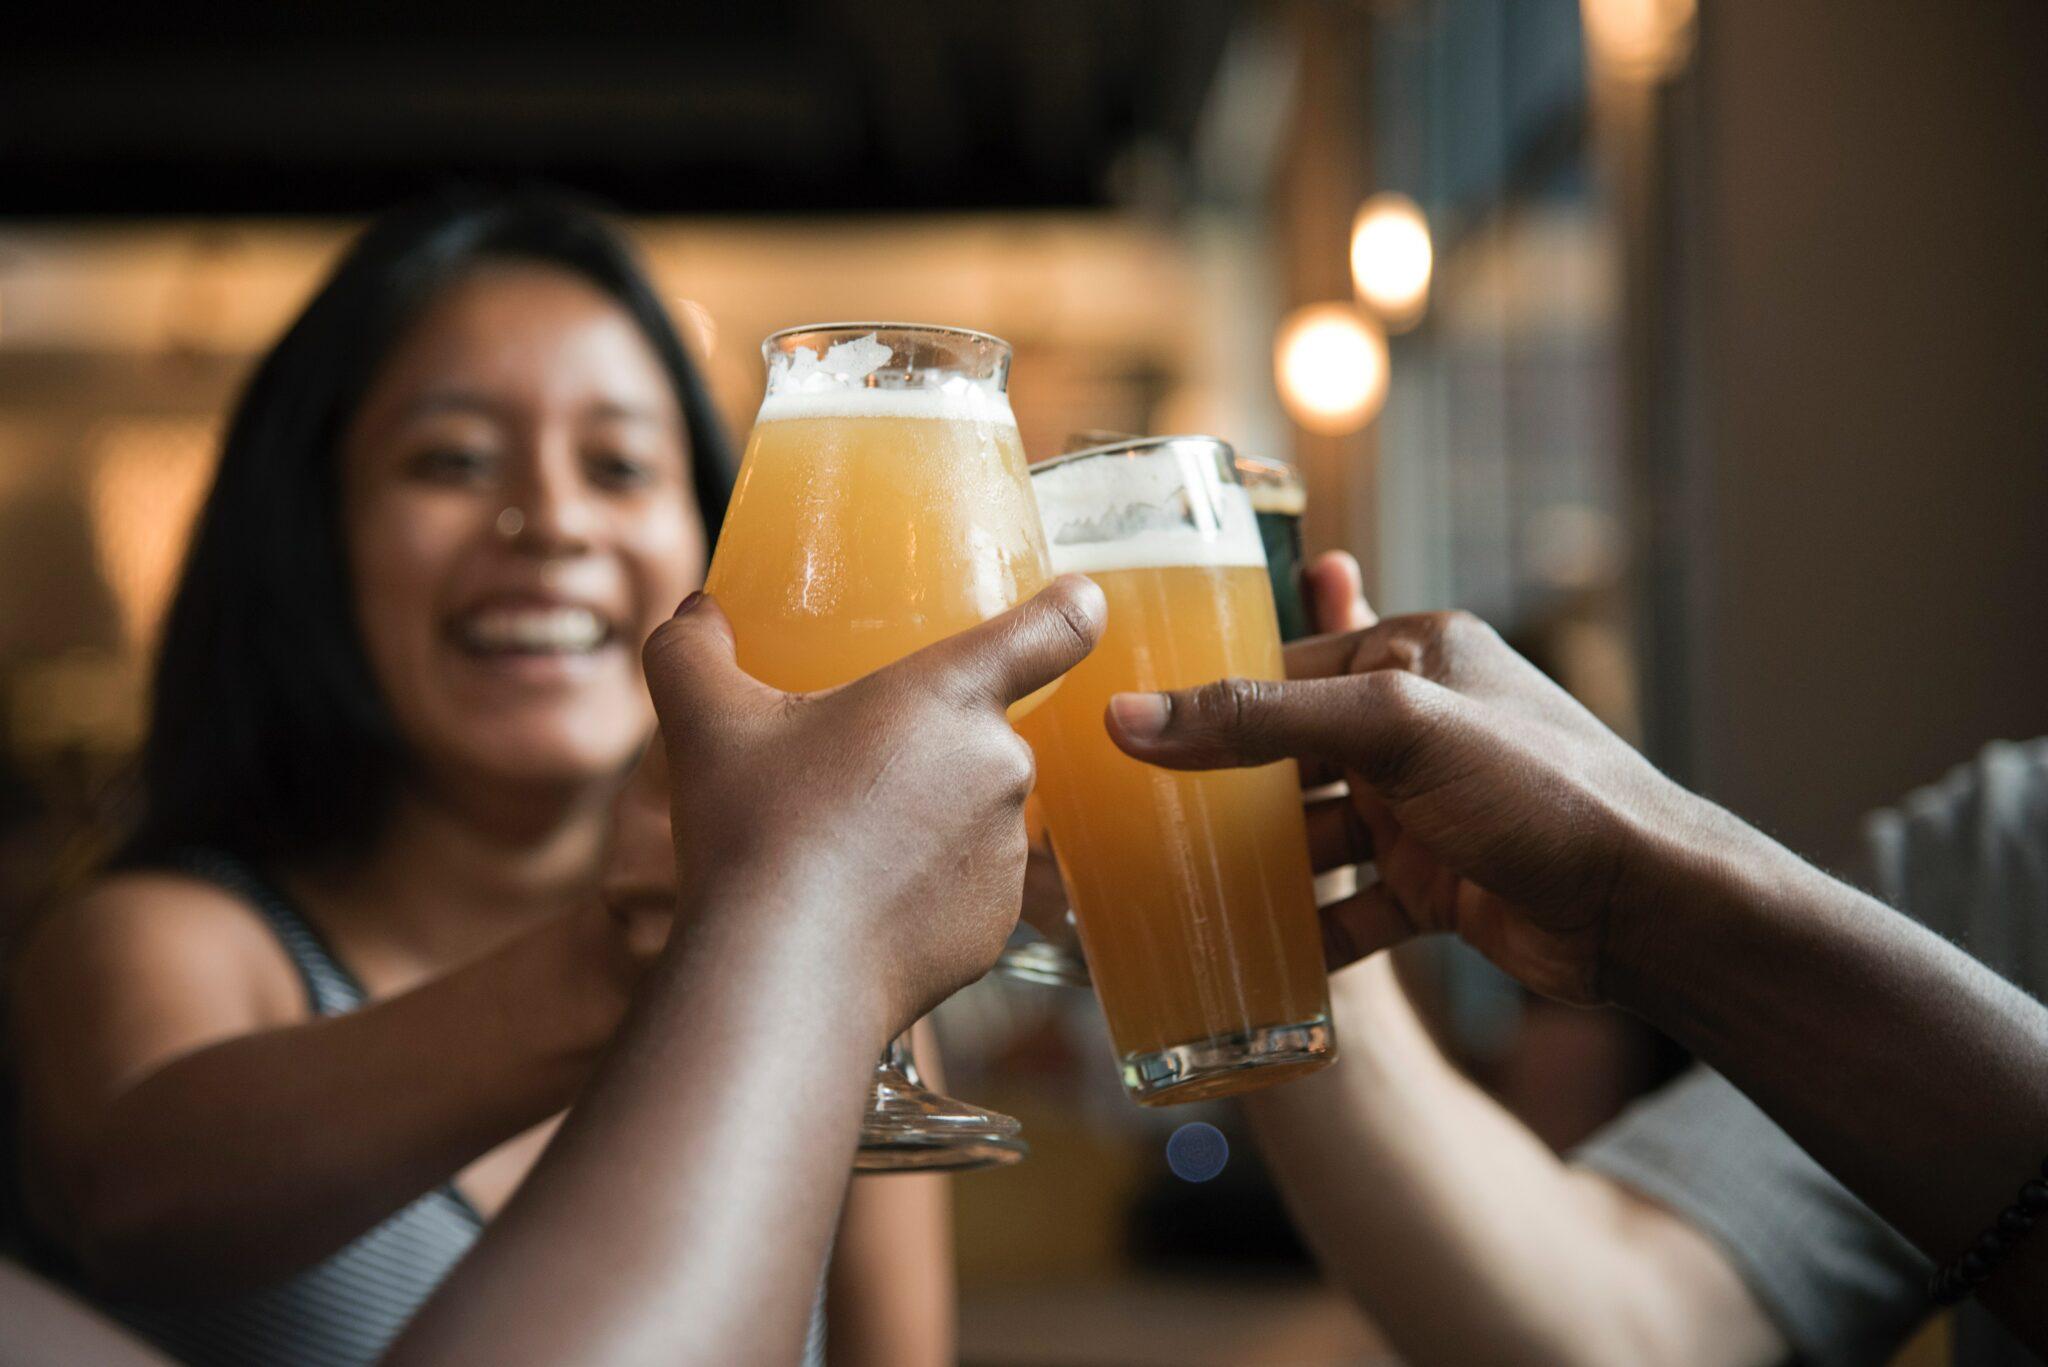 vriendengroep bier drinken vrienden weekend